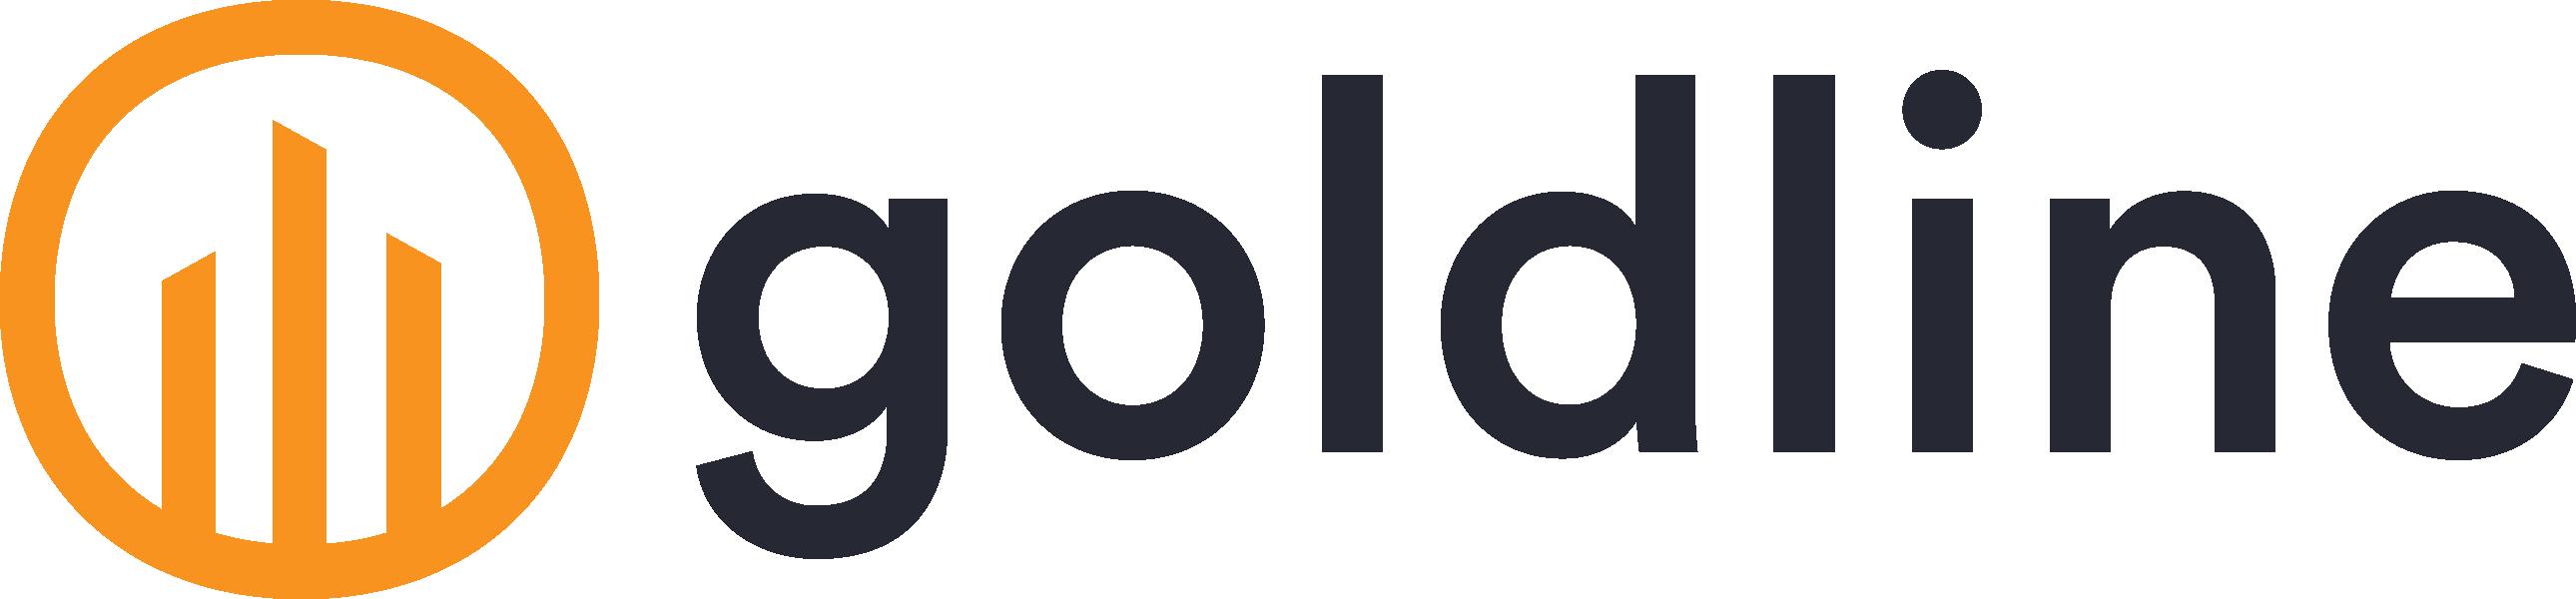 https://builder.stackedsite.com/wp-content/uploads/sites/574/2019/06/goldline.png